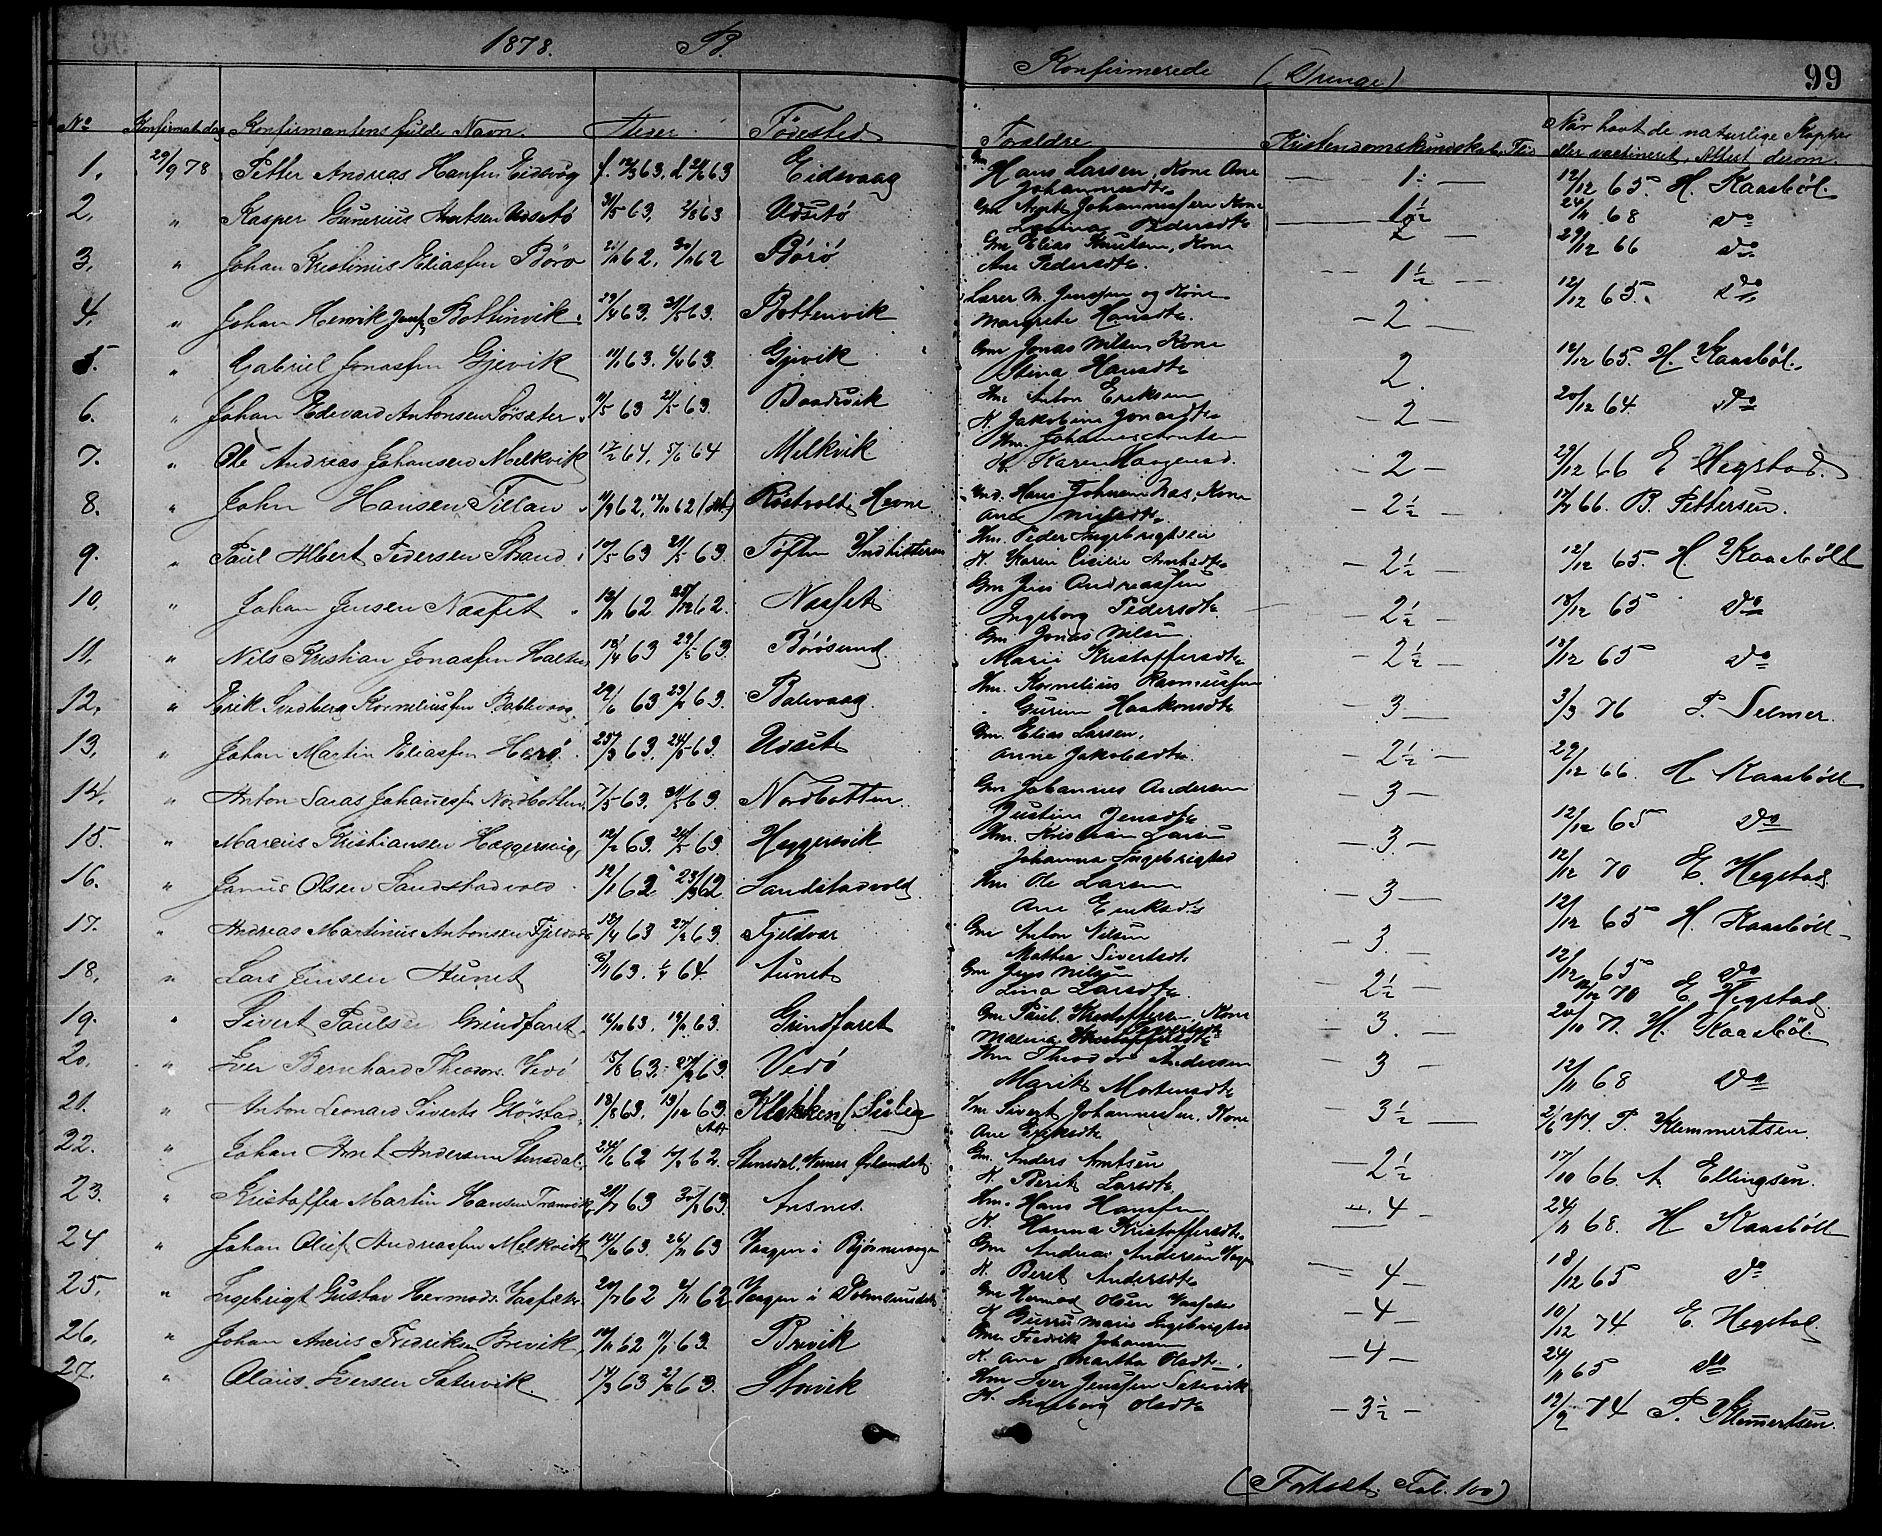 SAT, Ministerialprotokoller, klokkerbøker og fødselsregistre - Sør-Trøndelag, 637/L0561: Klokkerbok nr. 637C02, 1873-1882, s. 99